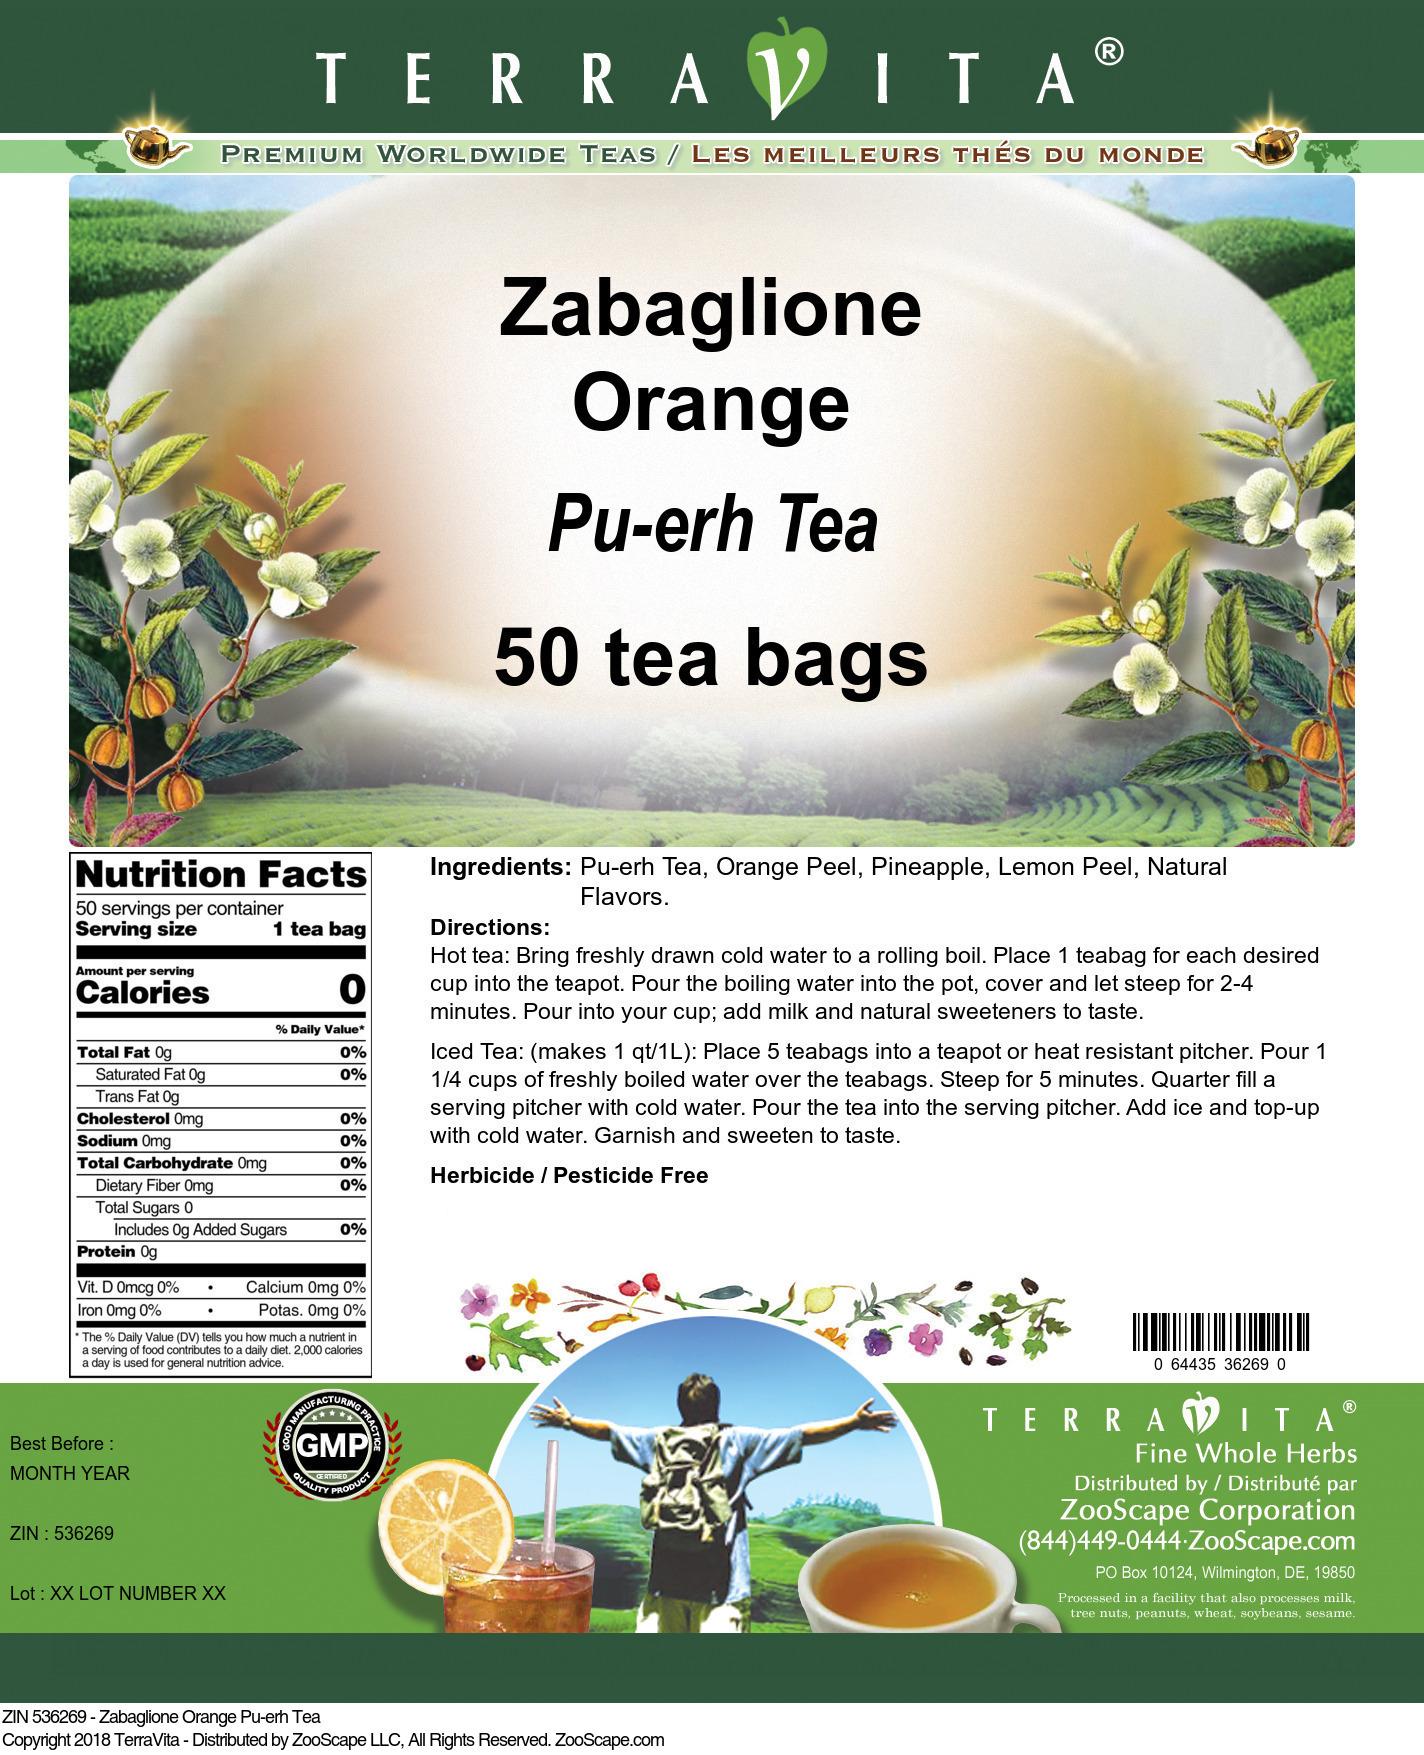 Zabaglione Orange Pu-erh Tea